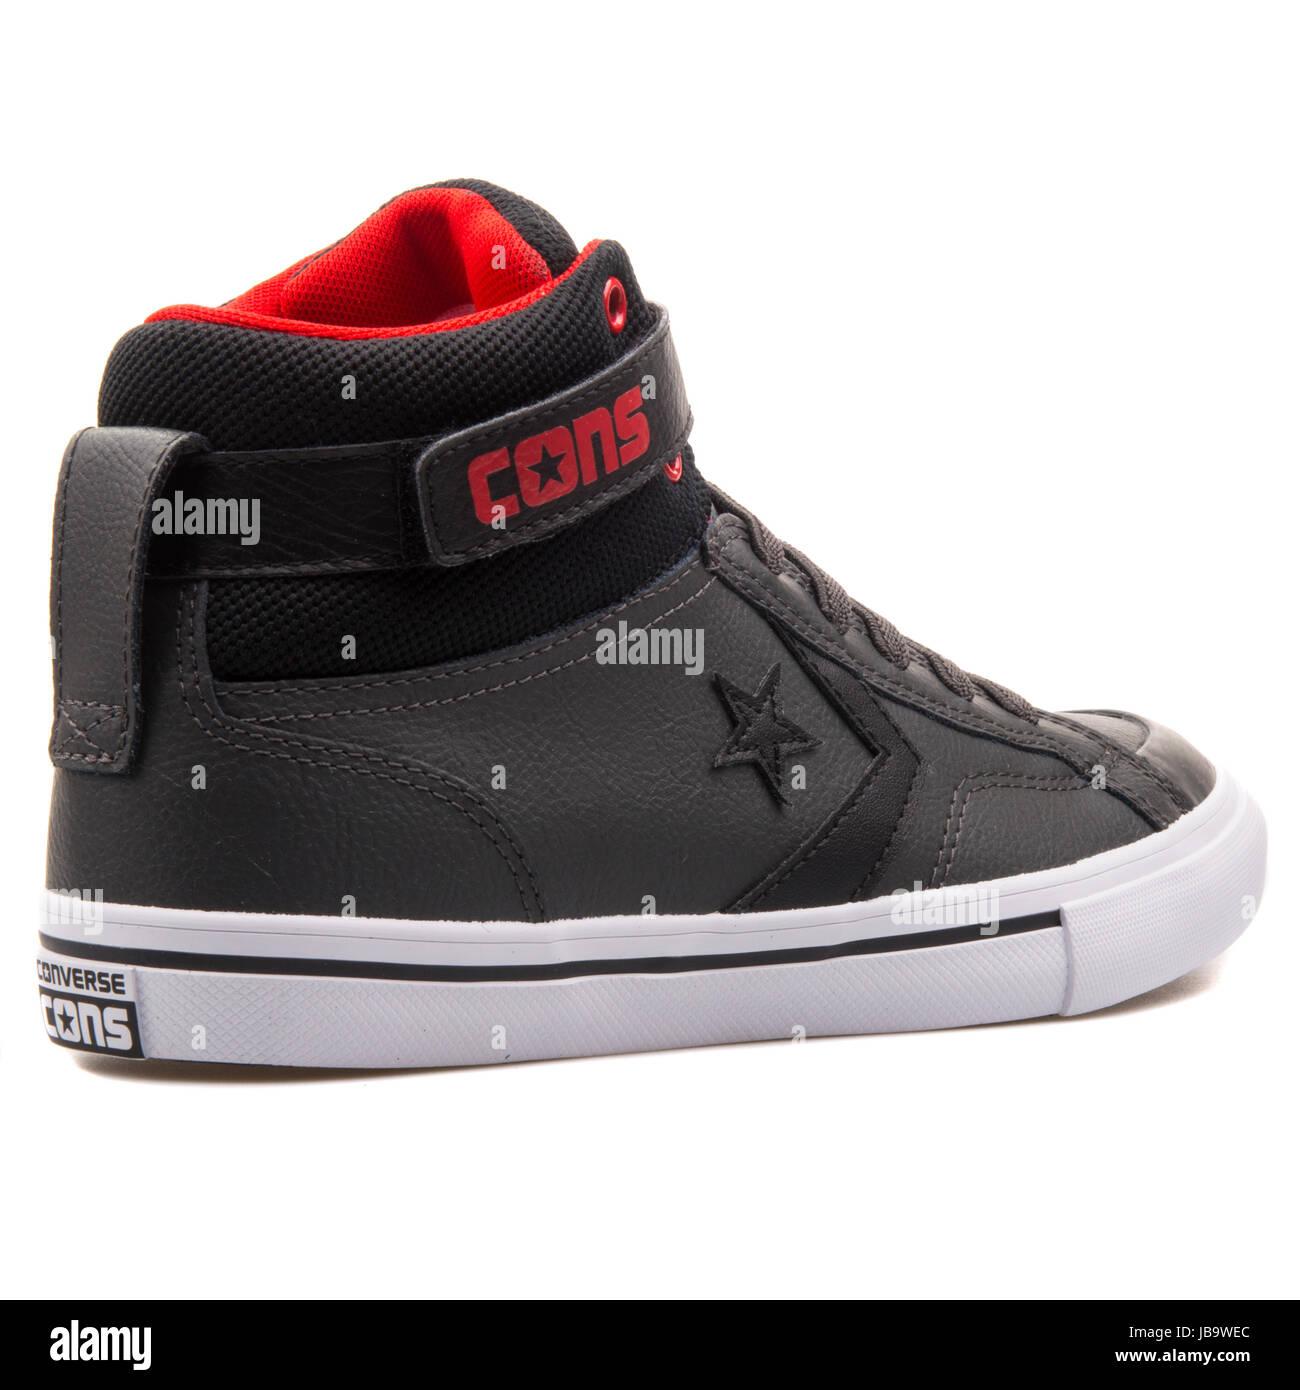 Converse PRO STAR nero